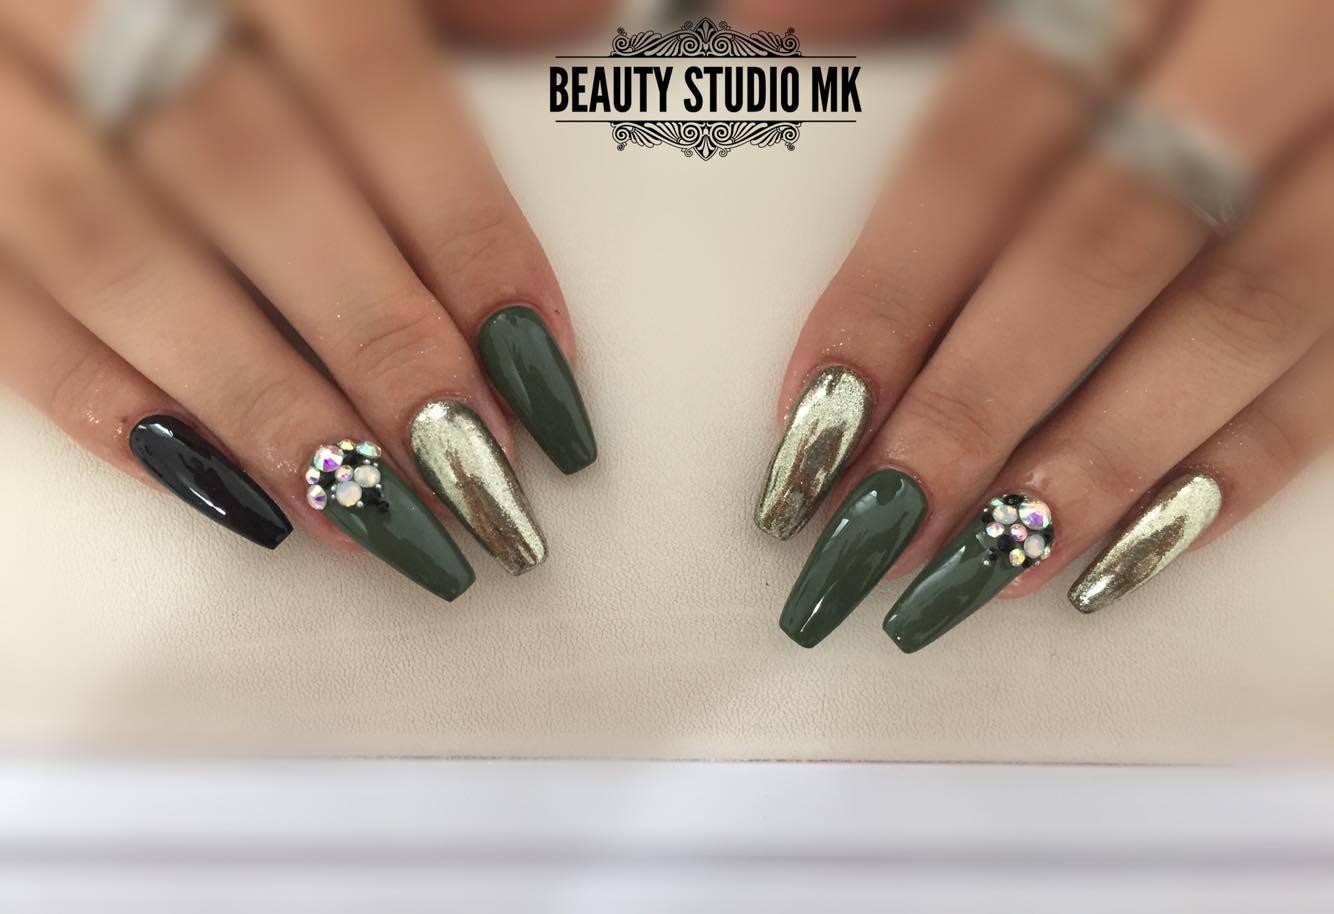 Gelove Nechty Modelovanie Gelovych Nechtov Nails Farebne Uv Gely Mihalnice Ardell D Nails Sk